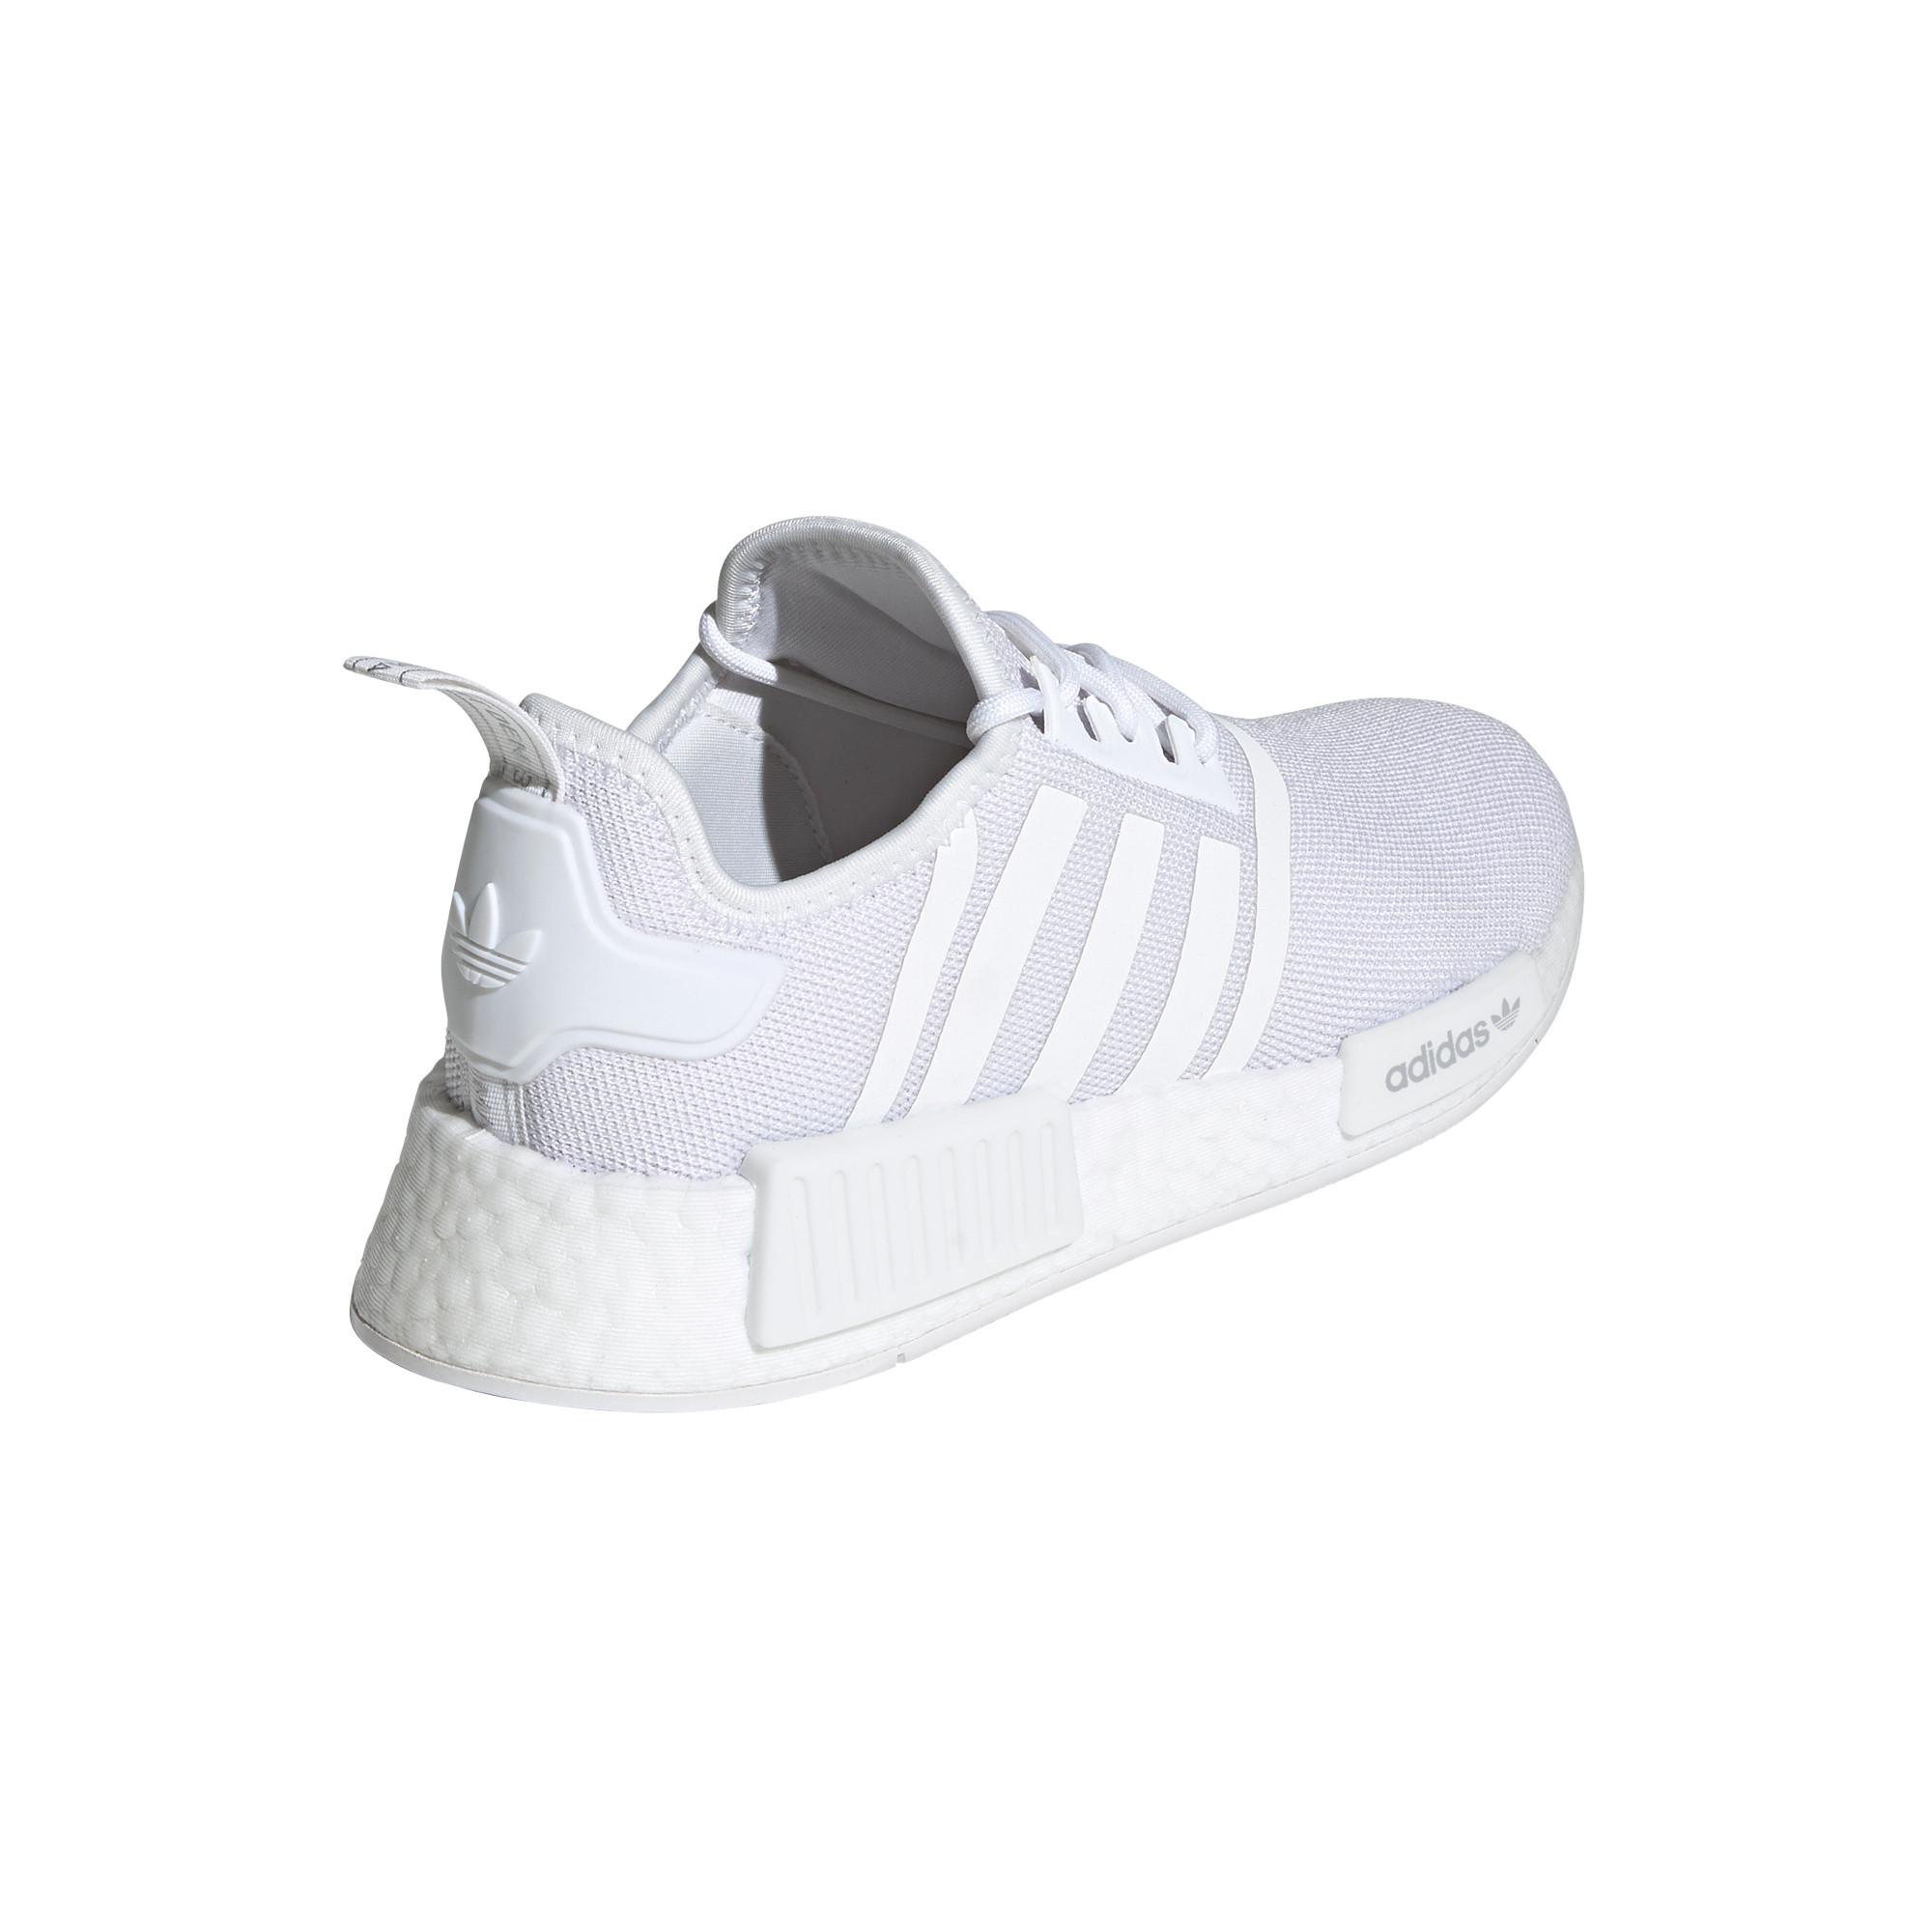 Scarpe donna Adidas Originals NMD_R1 Primeblue, Bianco/Grigio, large image number 10